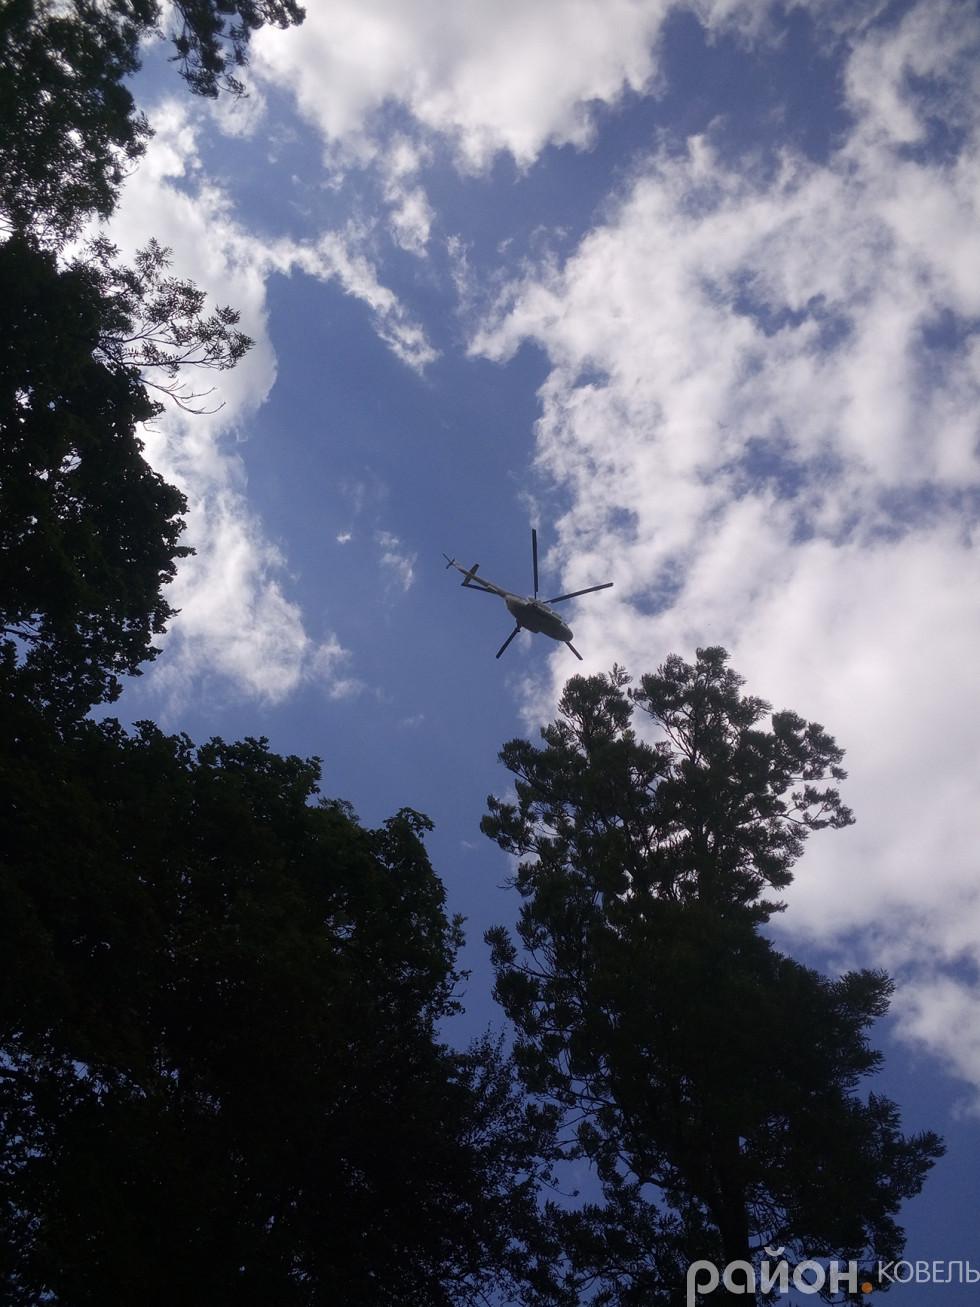 Приліт президента на гелікоптері.